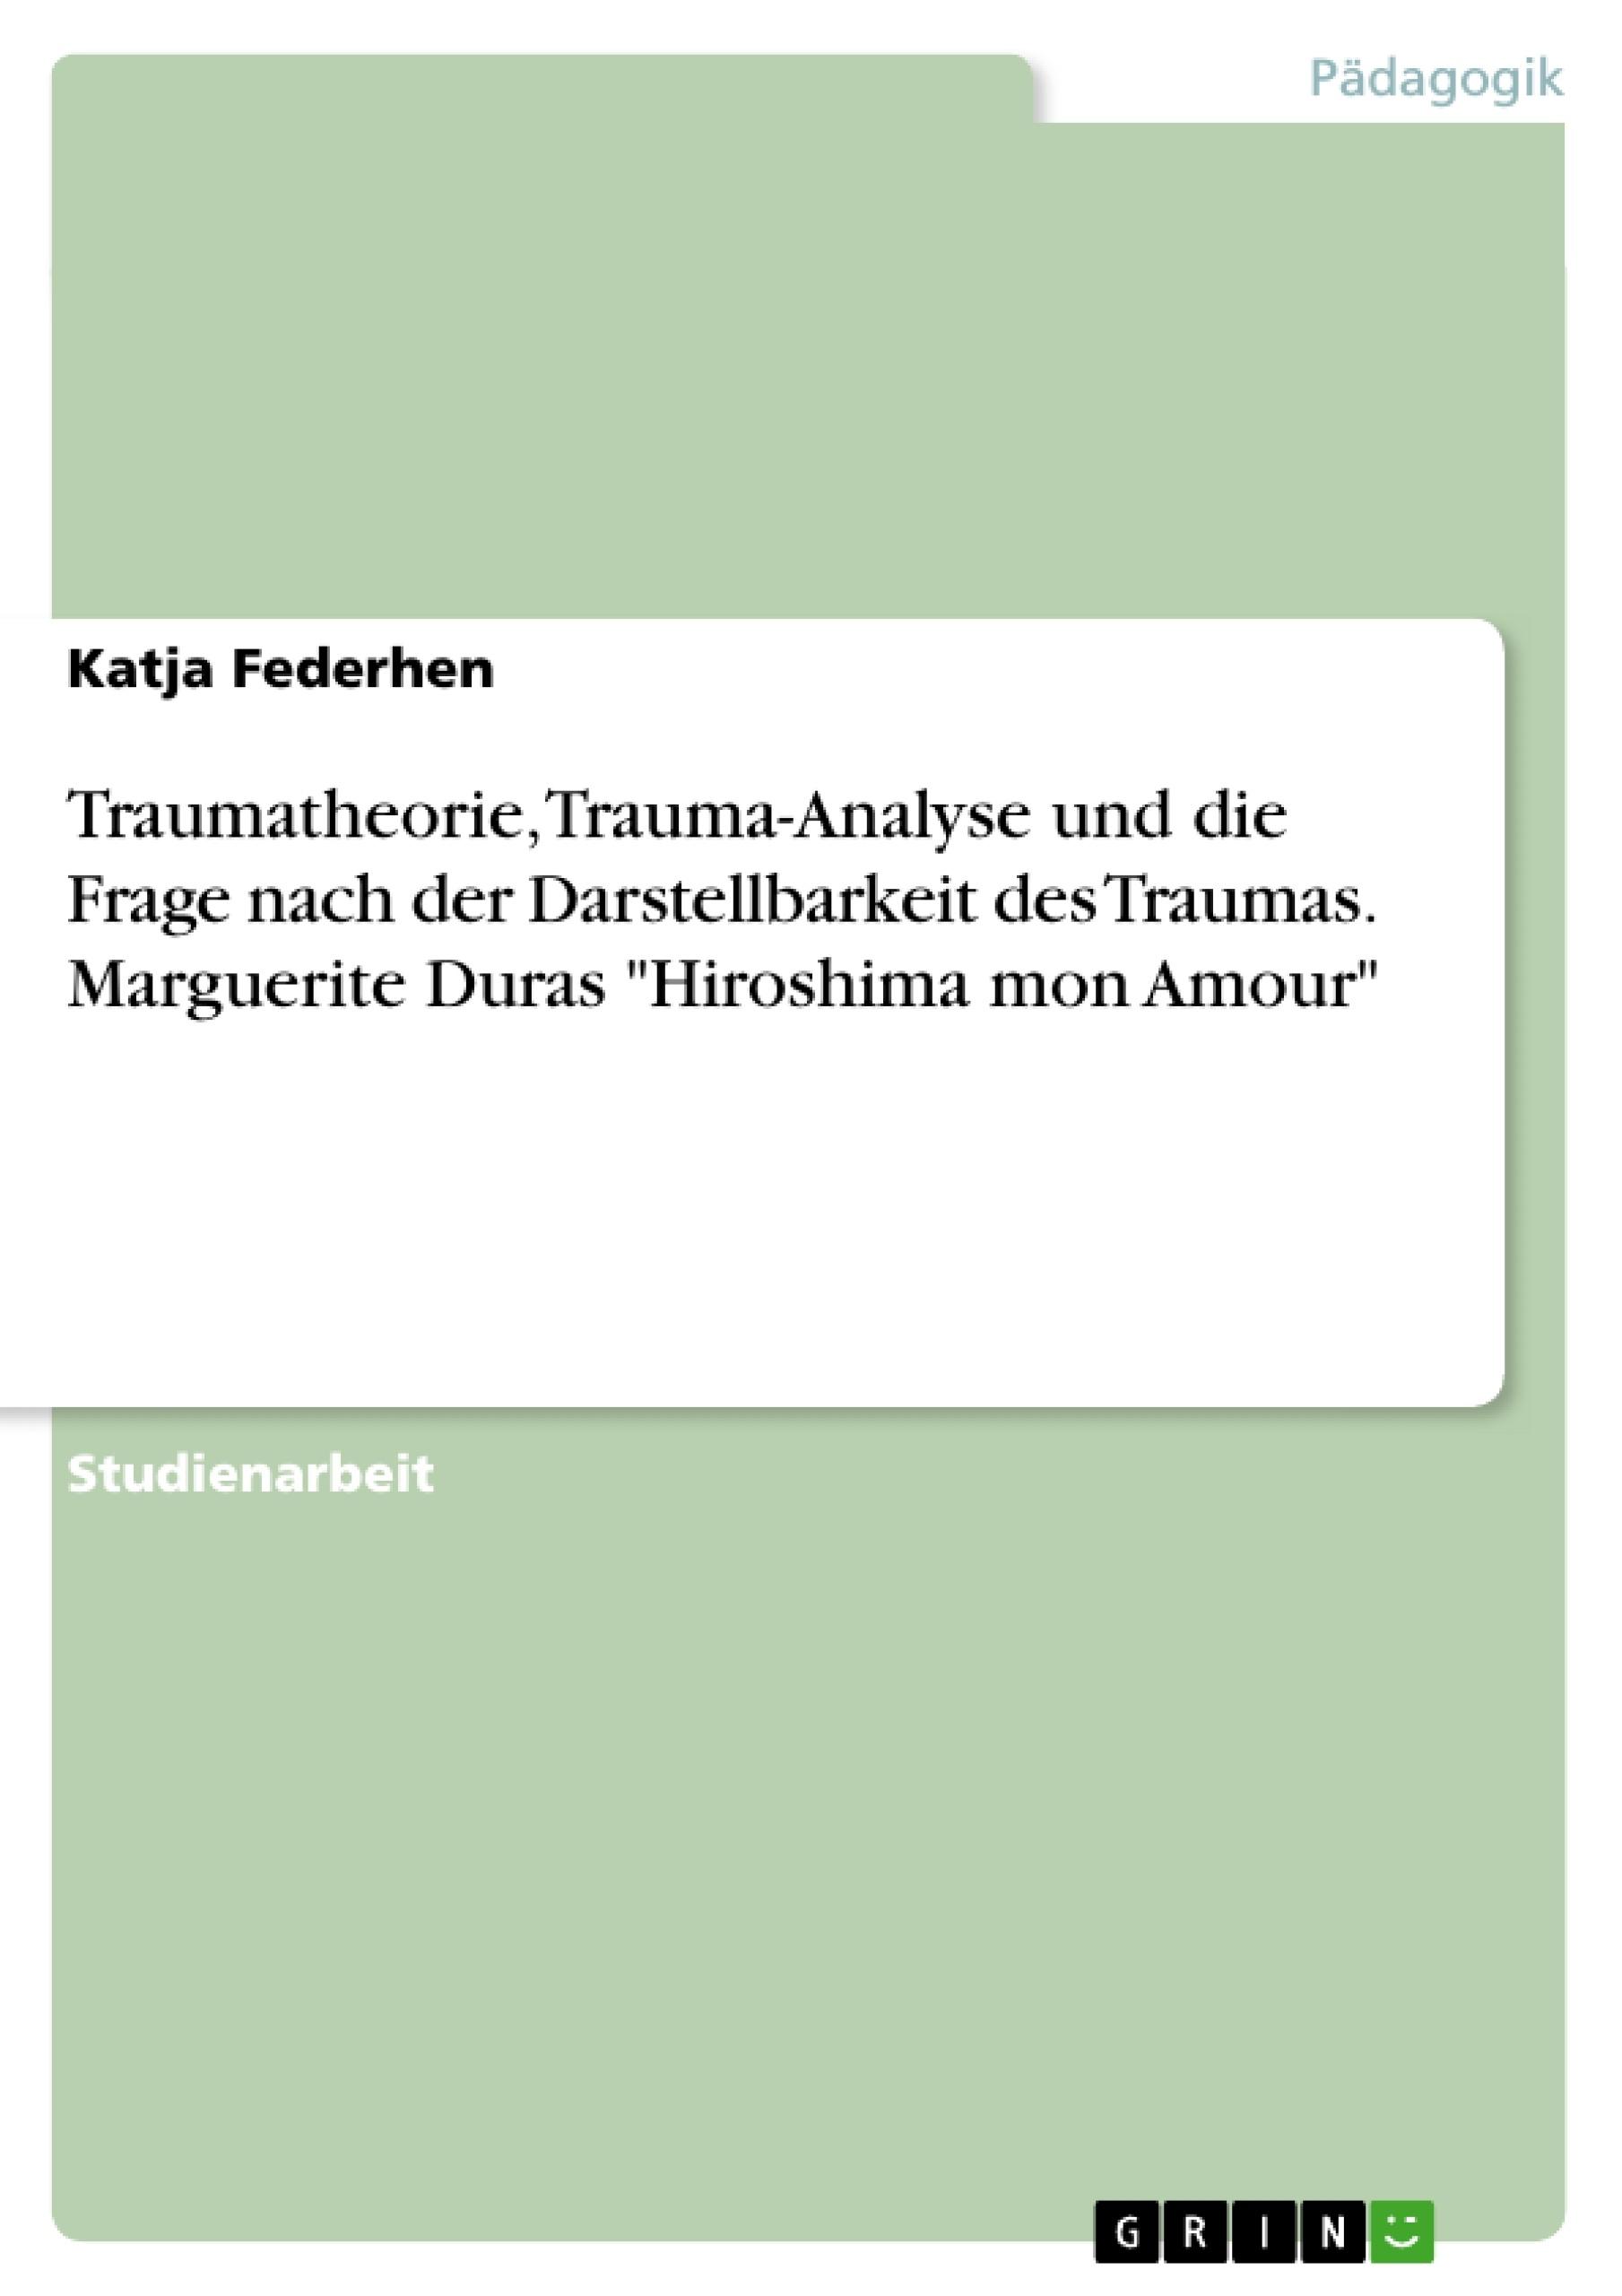 """Titel: Traumatheorie, Trauma-Analyse und die Frage nach der Darstellbarkeit des Traumas. Marguerite Duras """"Hiroshima mon Amour"""""""